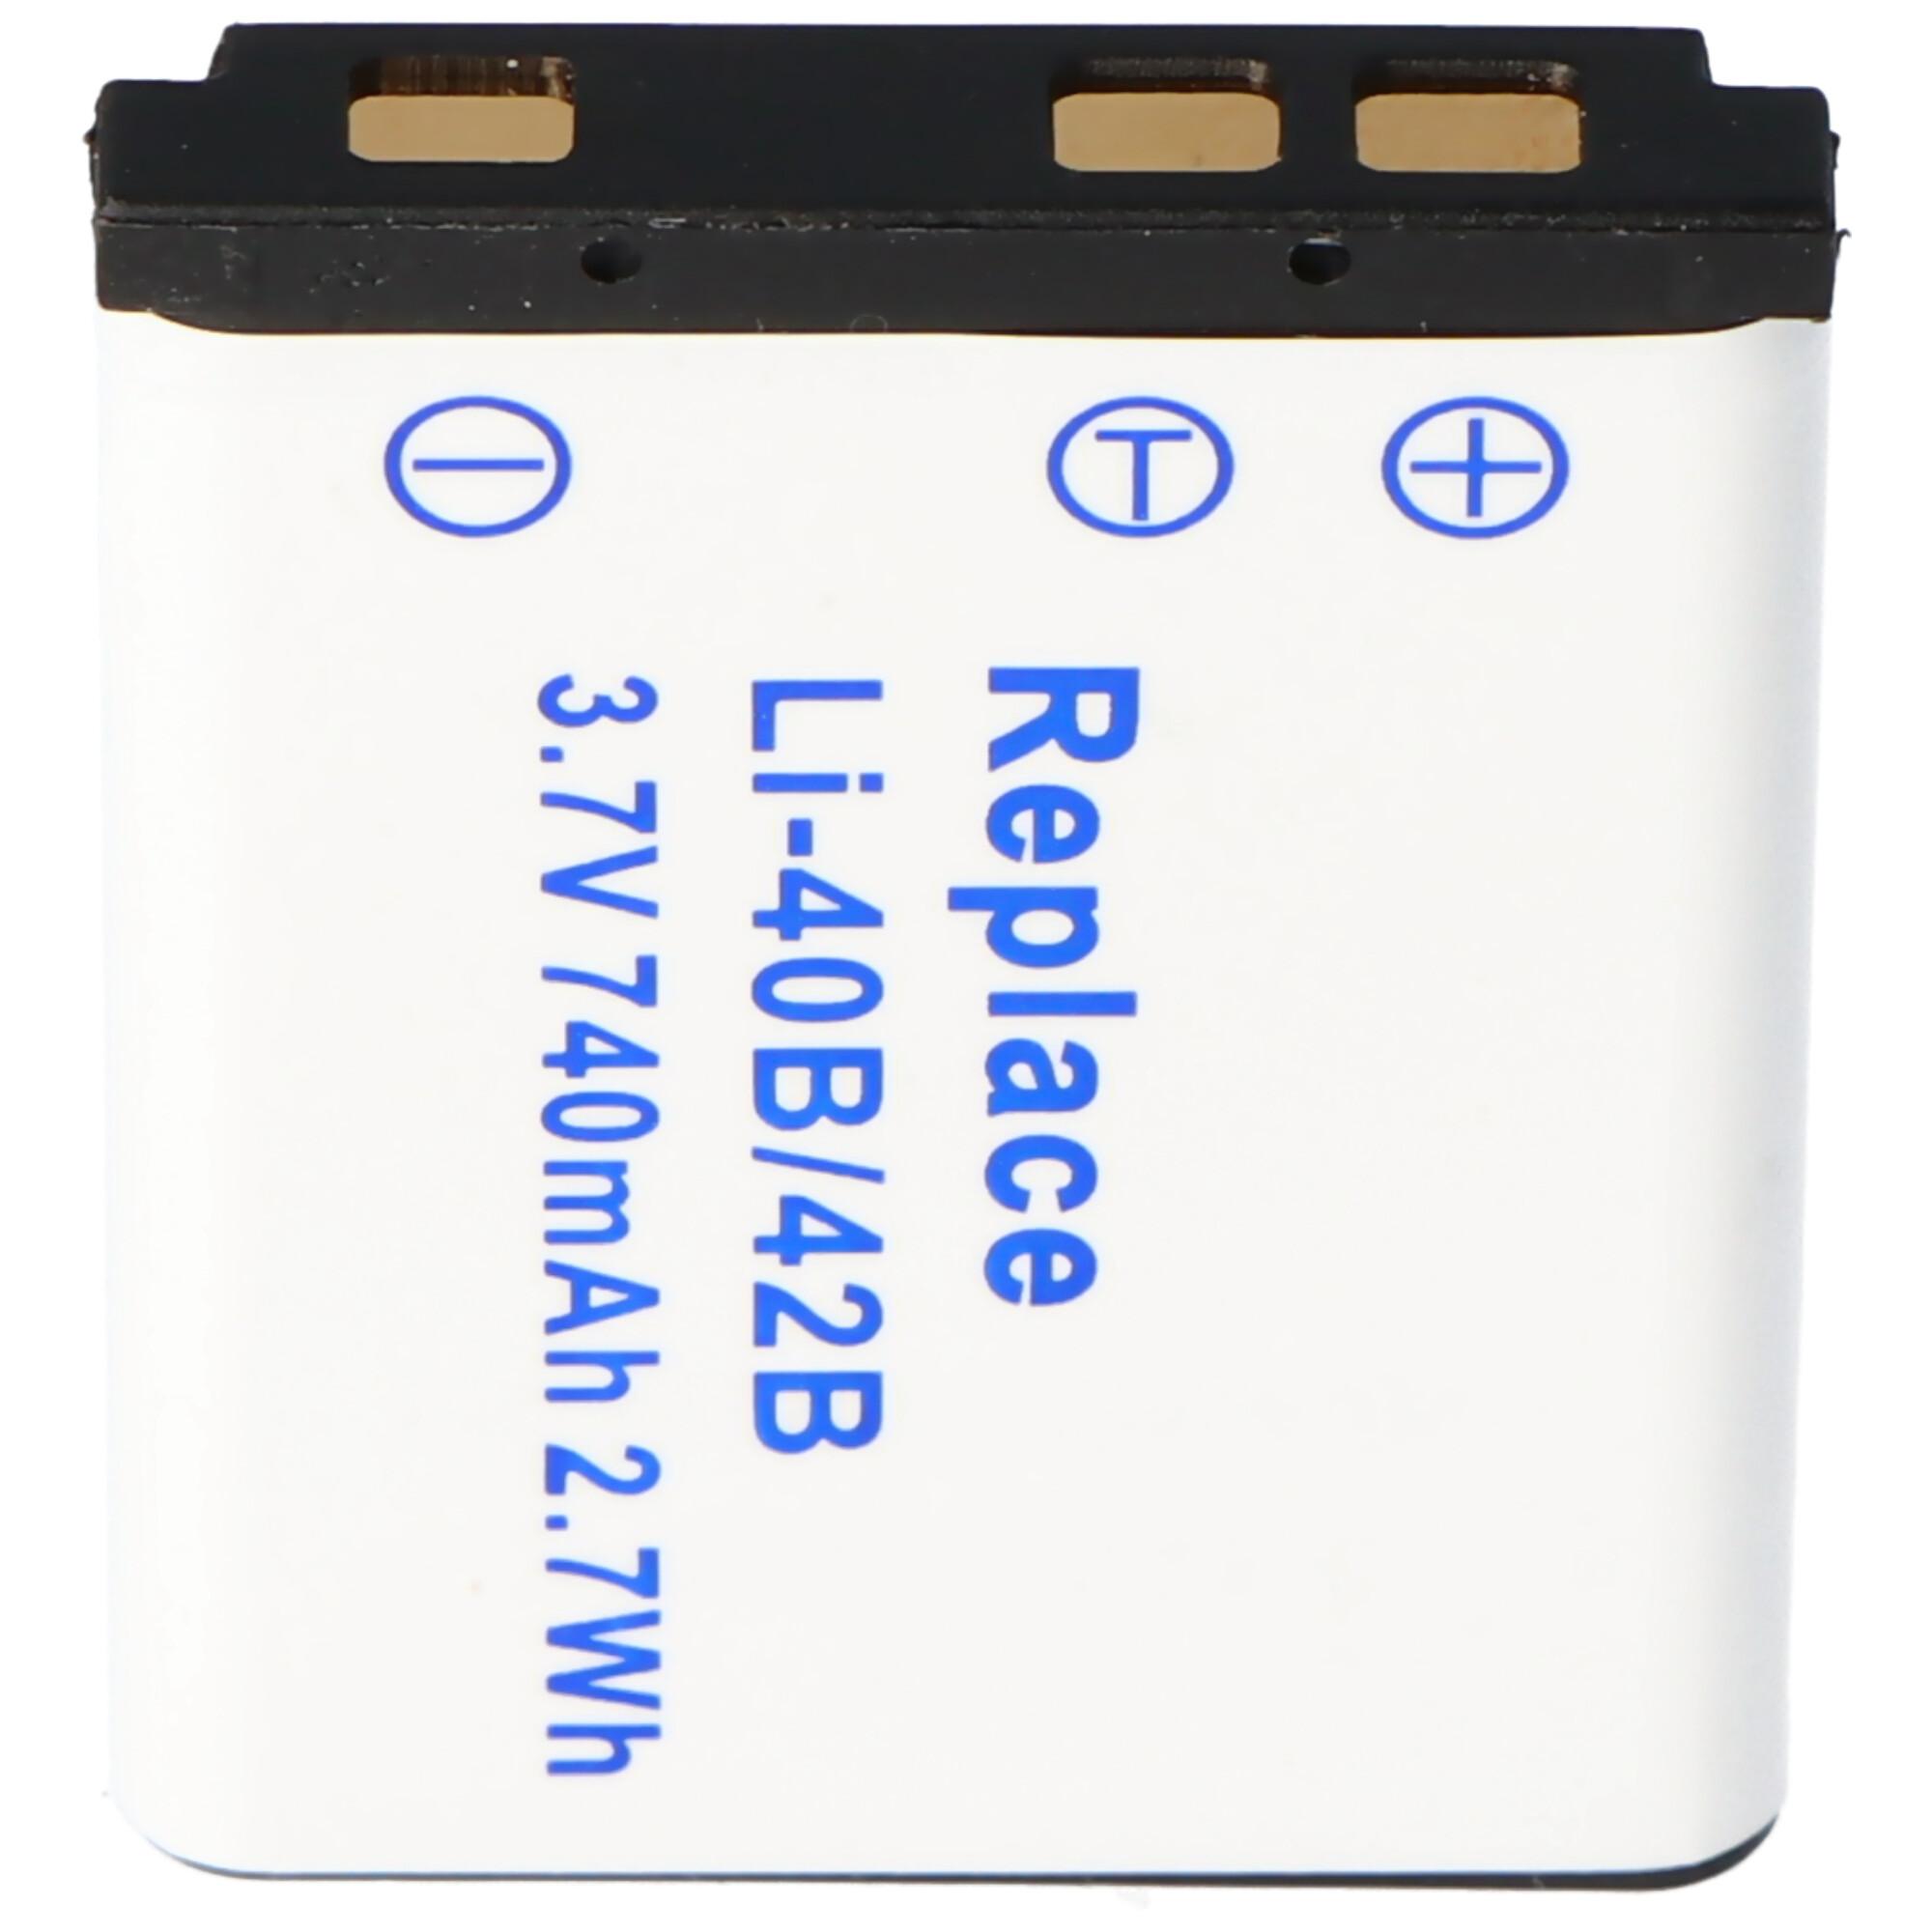 AccuCell Ladegerät passend für Nikon EN EL7, Coolpix 8400